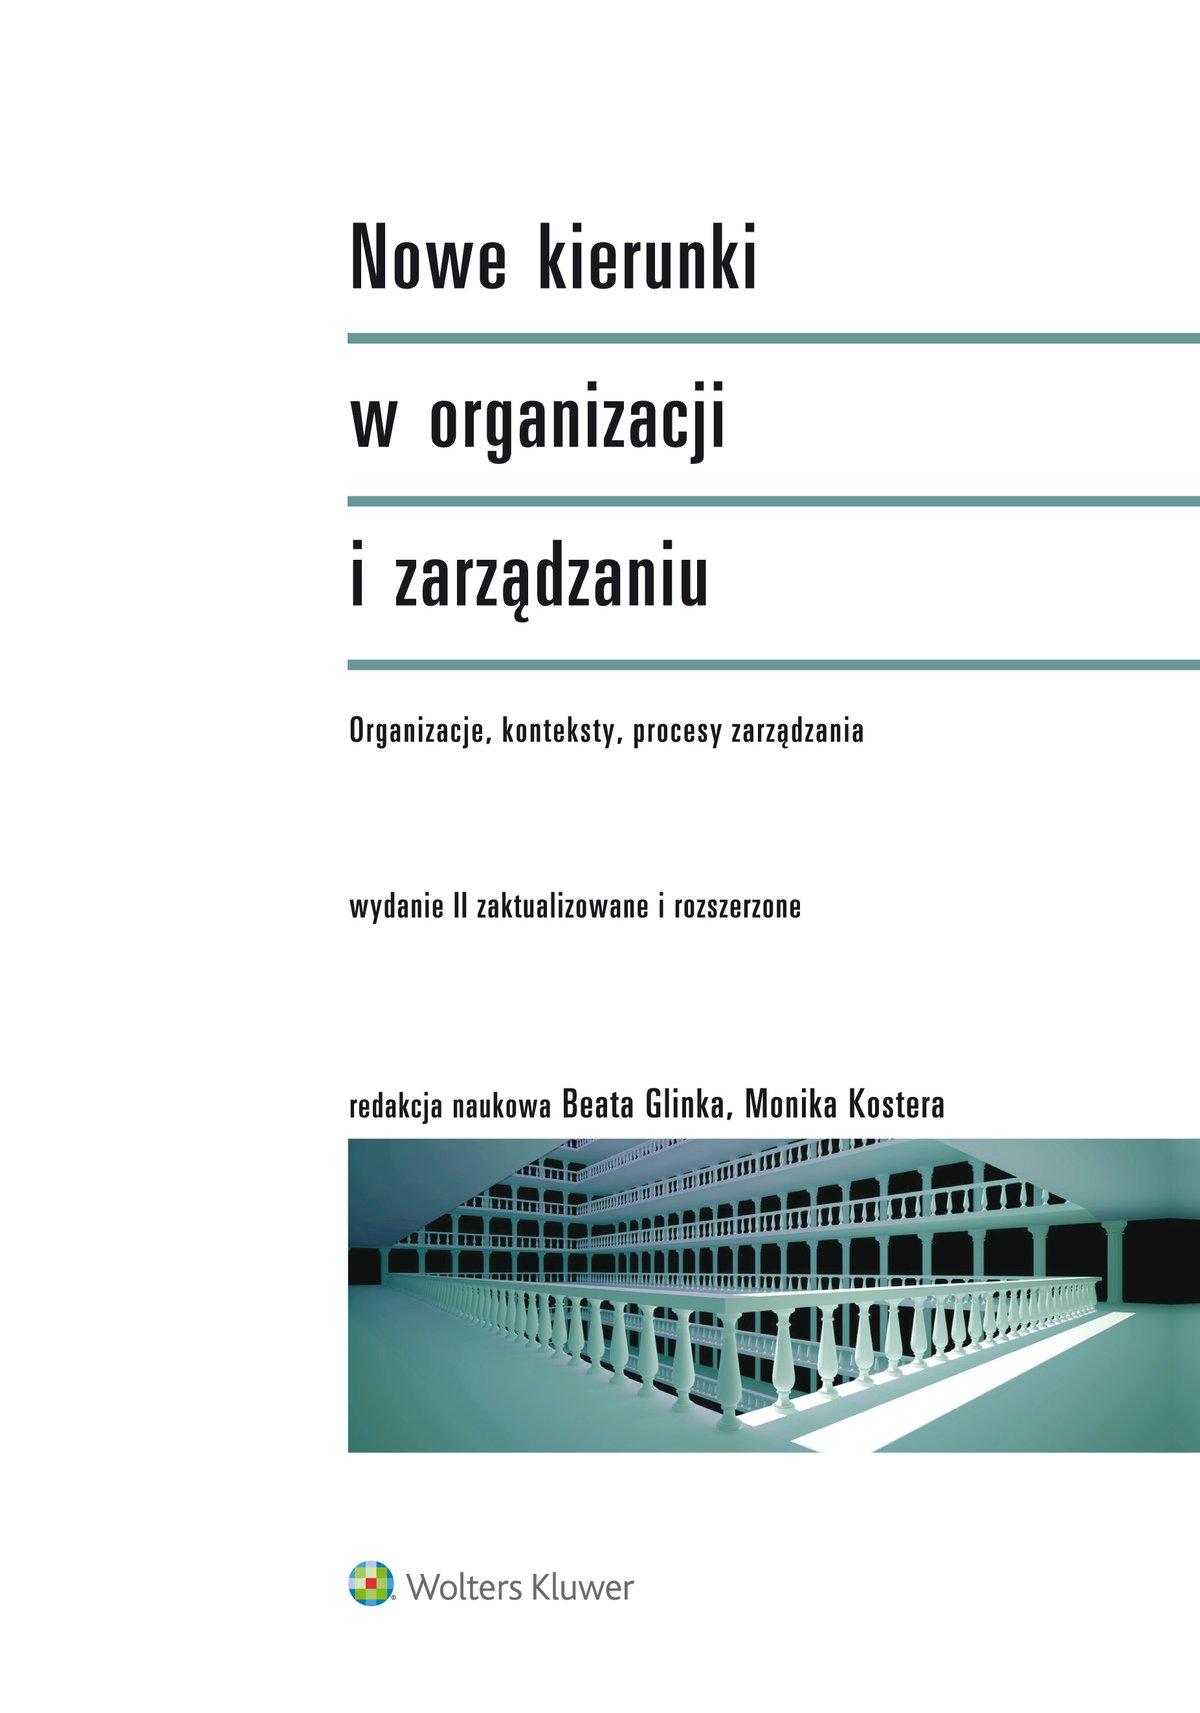 Nowe kierunki w organizacji i zarządzaniu. Organizacje, konteksty, procesy zarządzania - Ebook (Książka PDF) do pobrania w formacie PDF